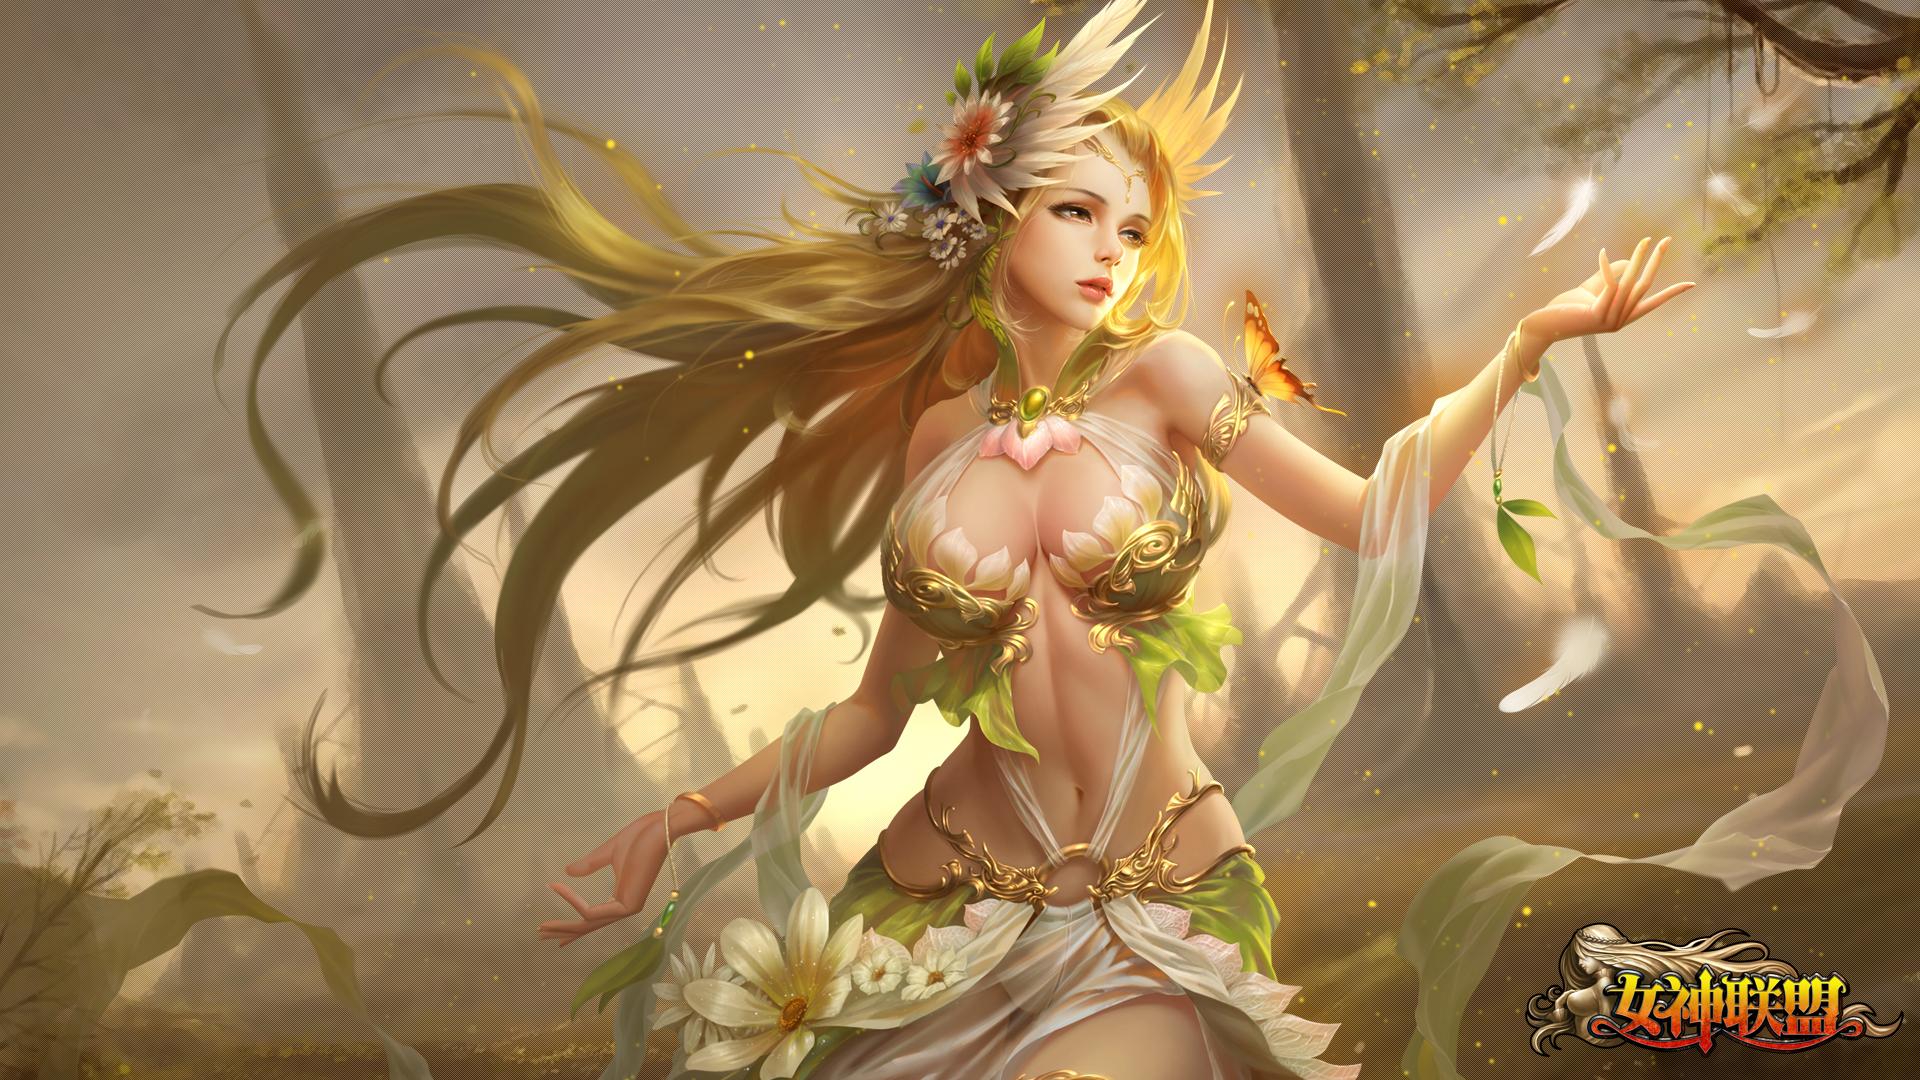 女神联盟2游戏里怎么看人物原画 人物原画在哪查看